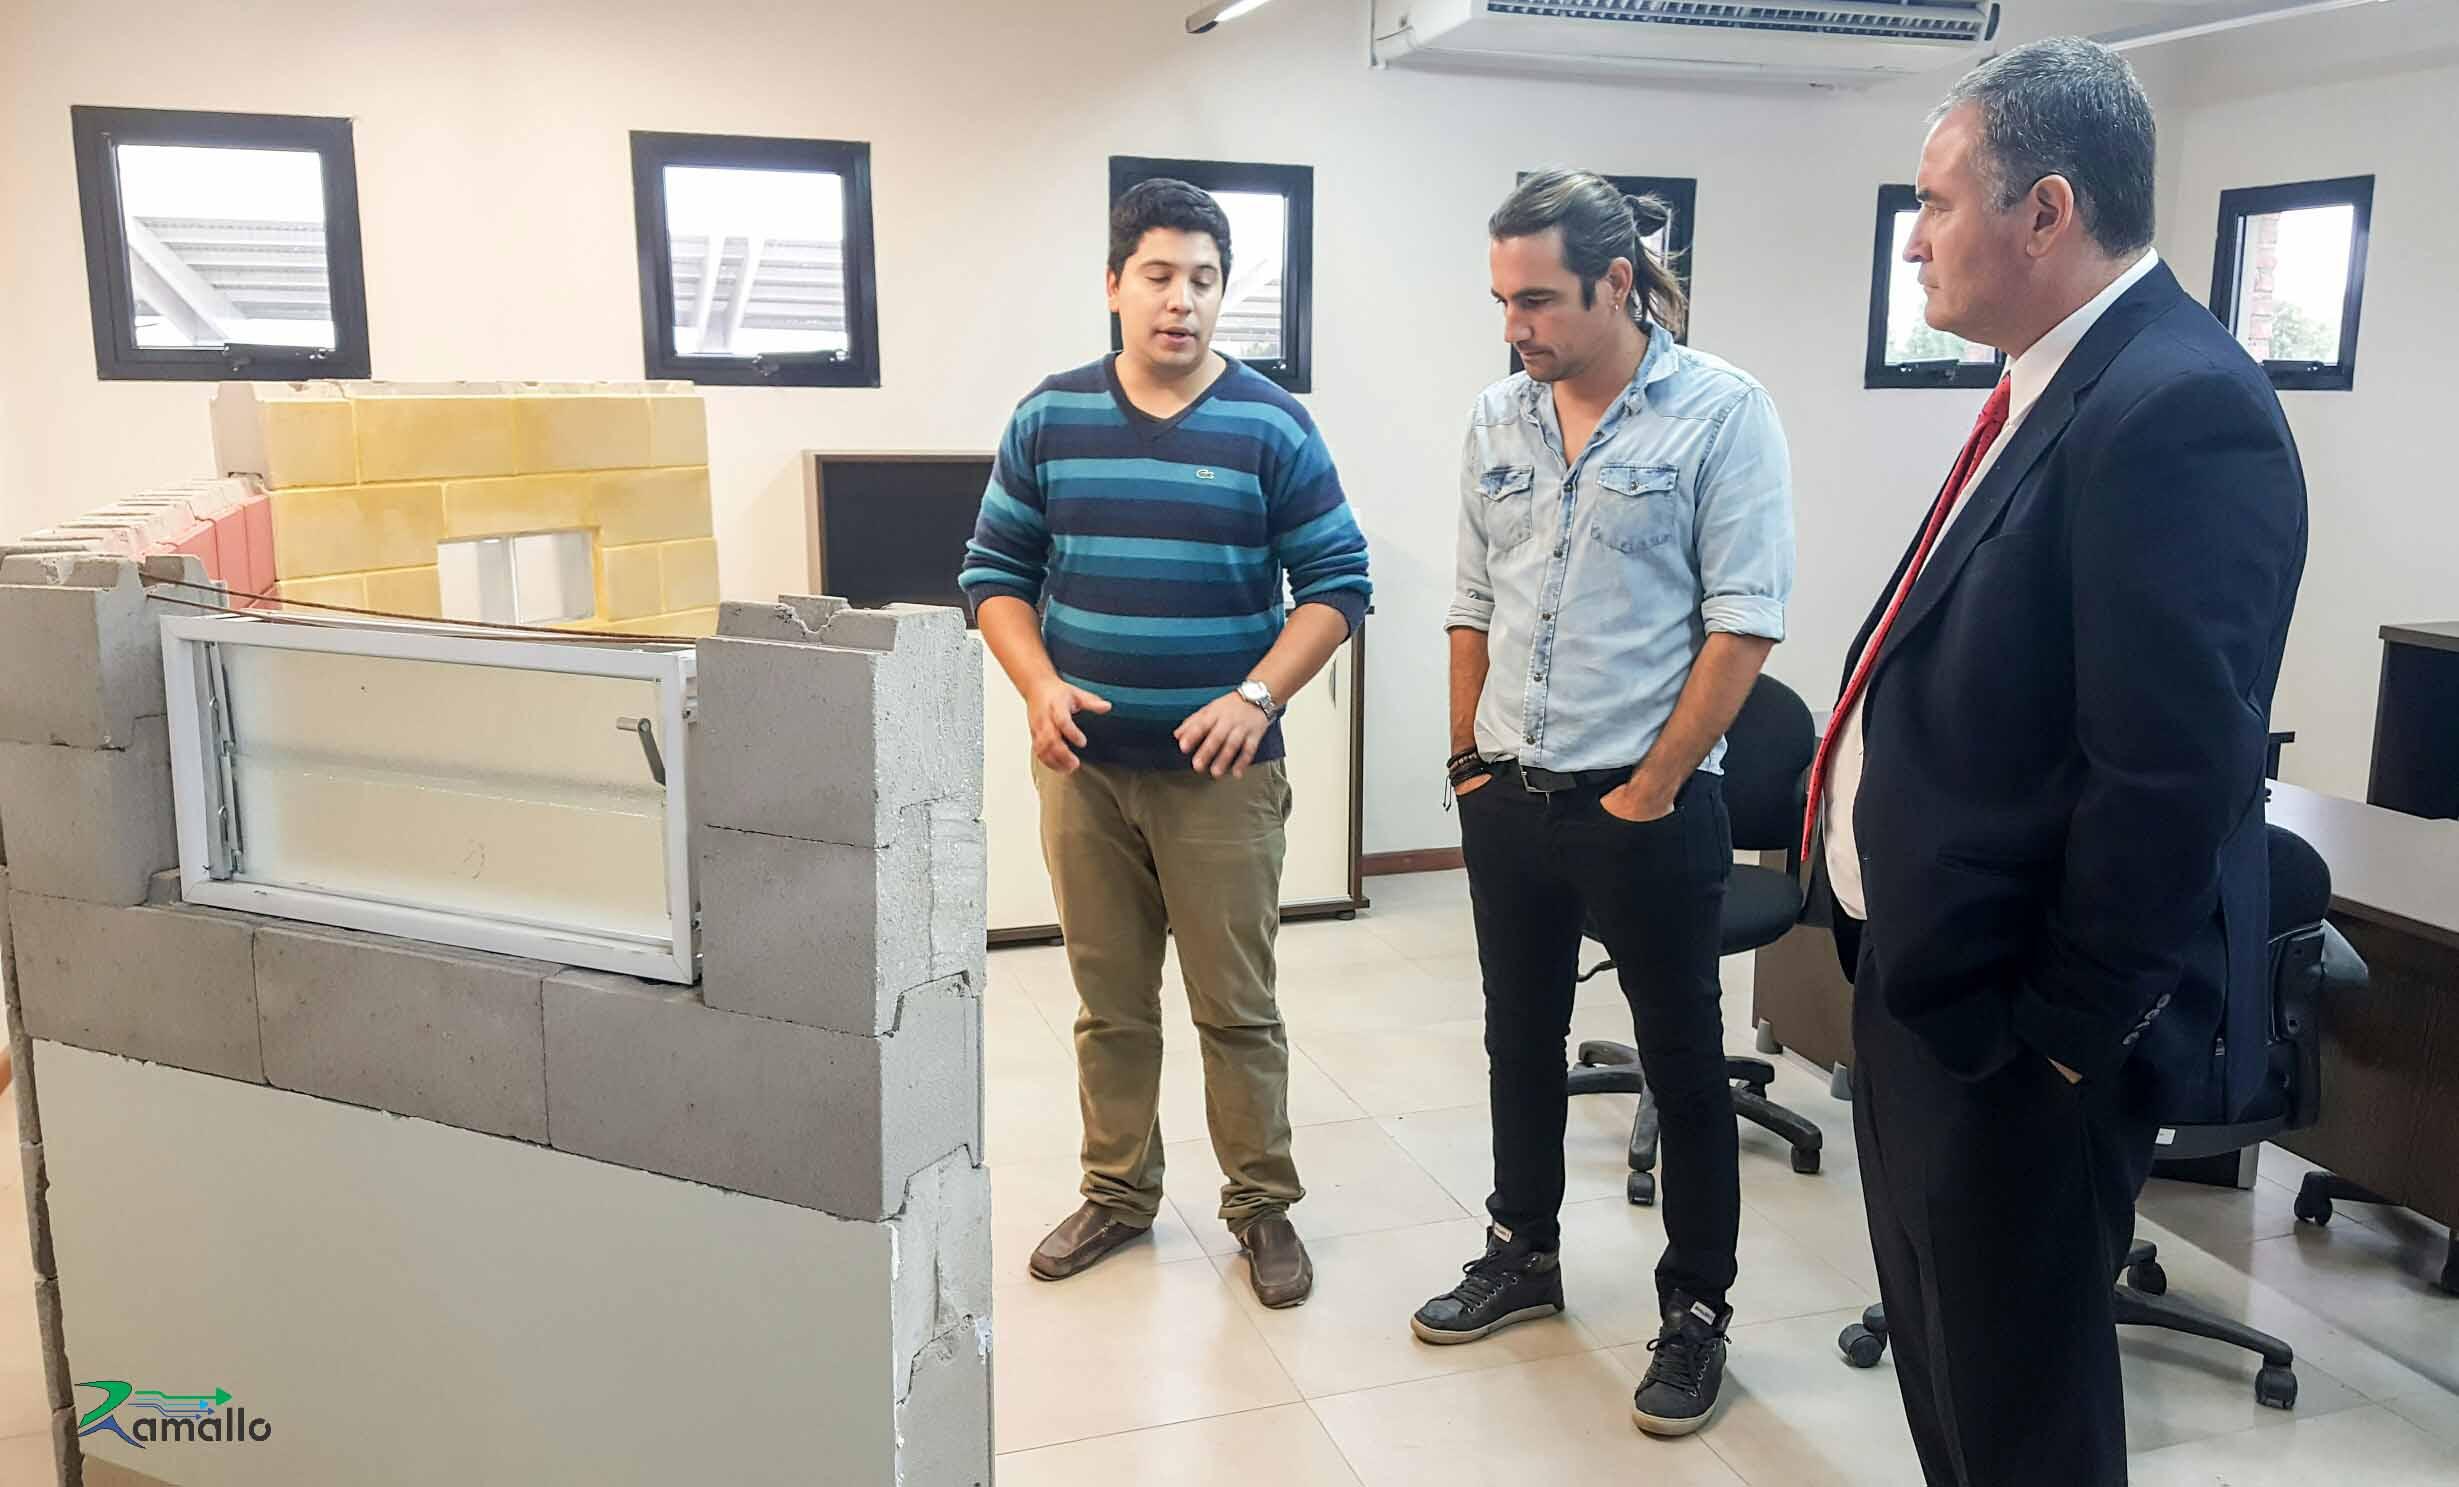 Este miércoles, el intendente Mauro David Poletti recorrió las instalaciones de una nueva empresa ubicada en Parque Industrial COMIRSA que abrirá sus puertas el mes próximo y generará fuentes de trabajo para la comunidad de Ramallo.